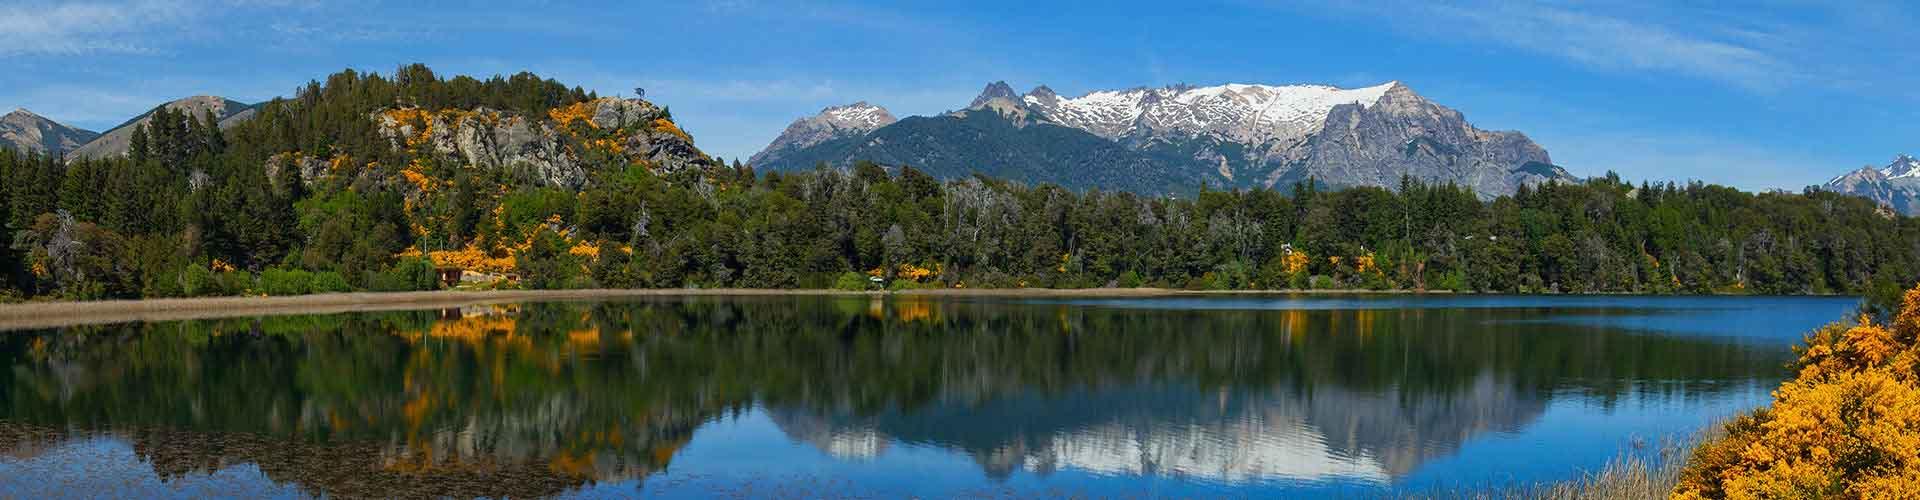 Bariloche – Huoneistot kohteessa Bariloche. Bariloche -karttoja, valokuvia ja arvosteluja kaikista Bariloche -huoneistoista.